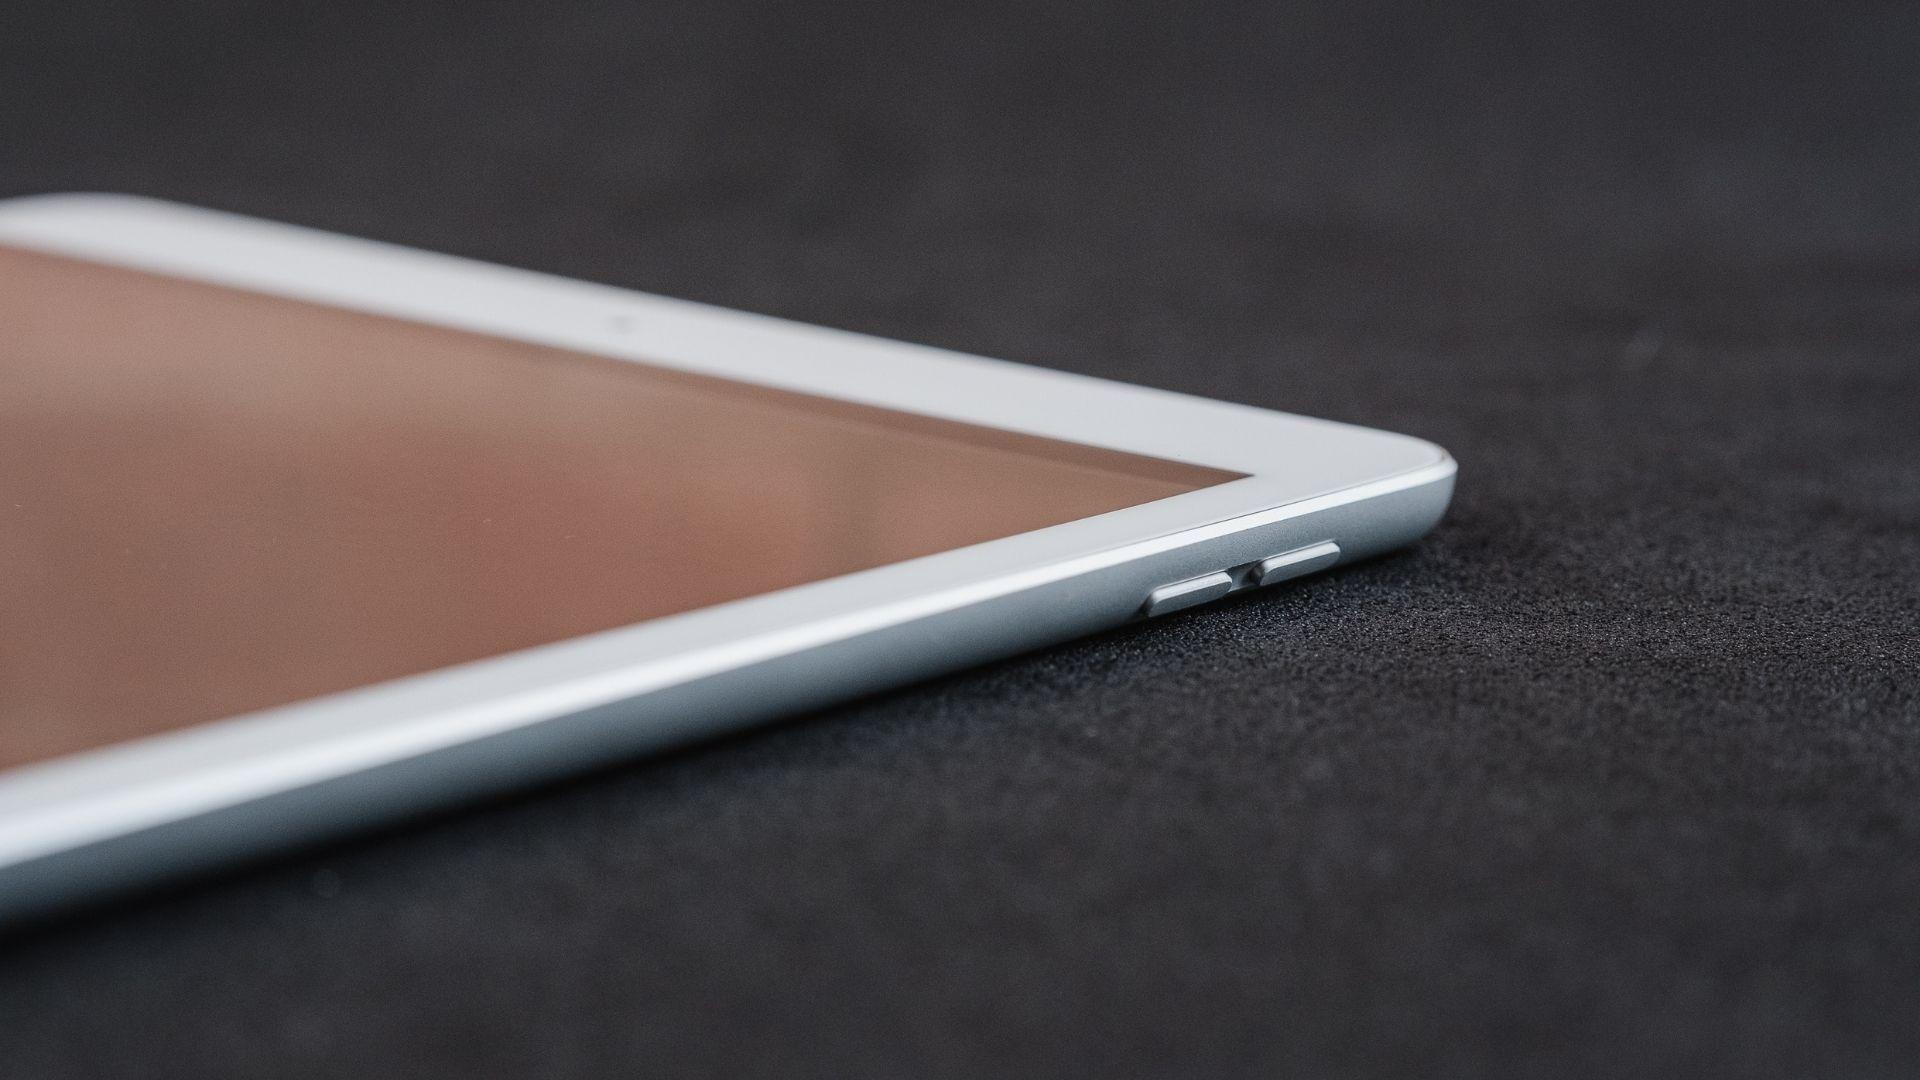 Detalhe dos botões laterais do iPad 8ª geração (Foto: Zoom)